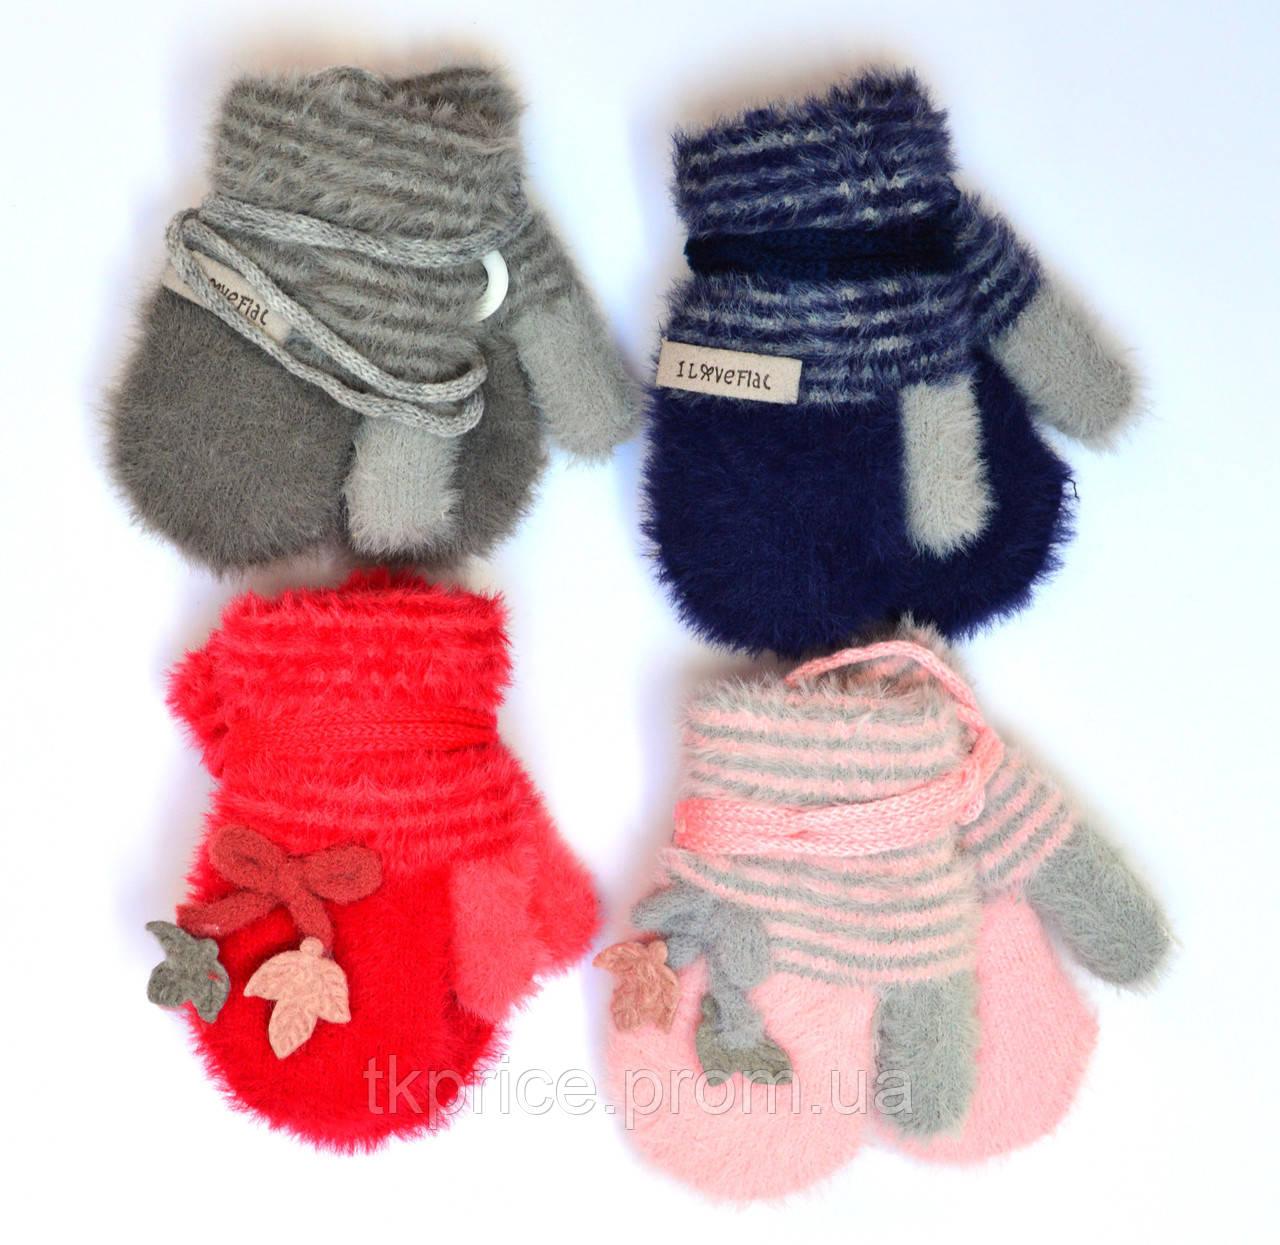 Детские варежки на меху на 0 - 1 года - длина 10 см